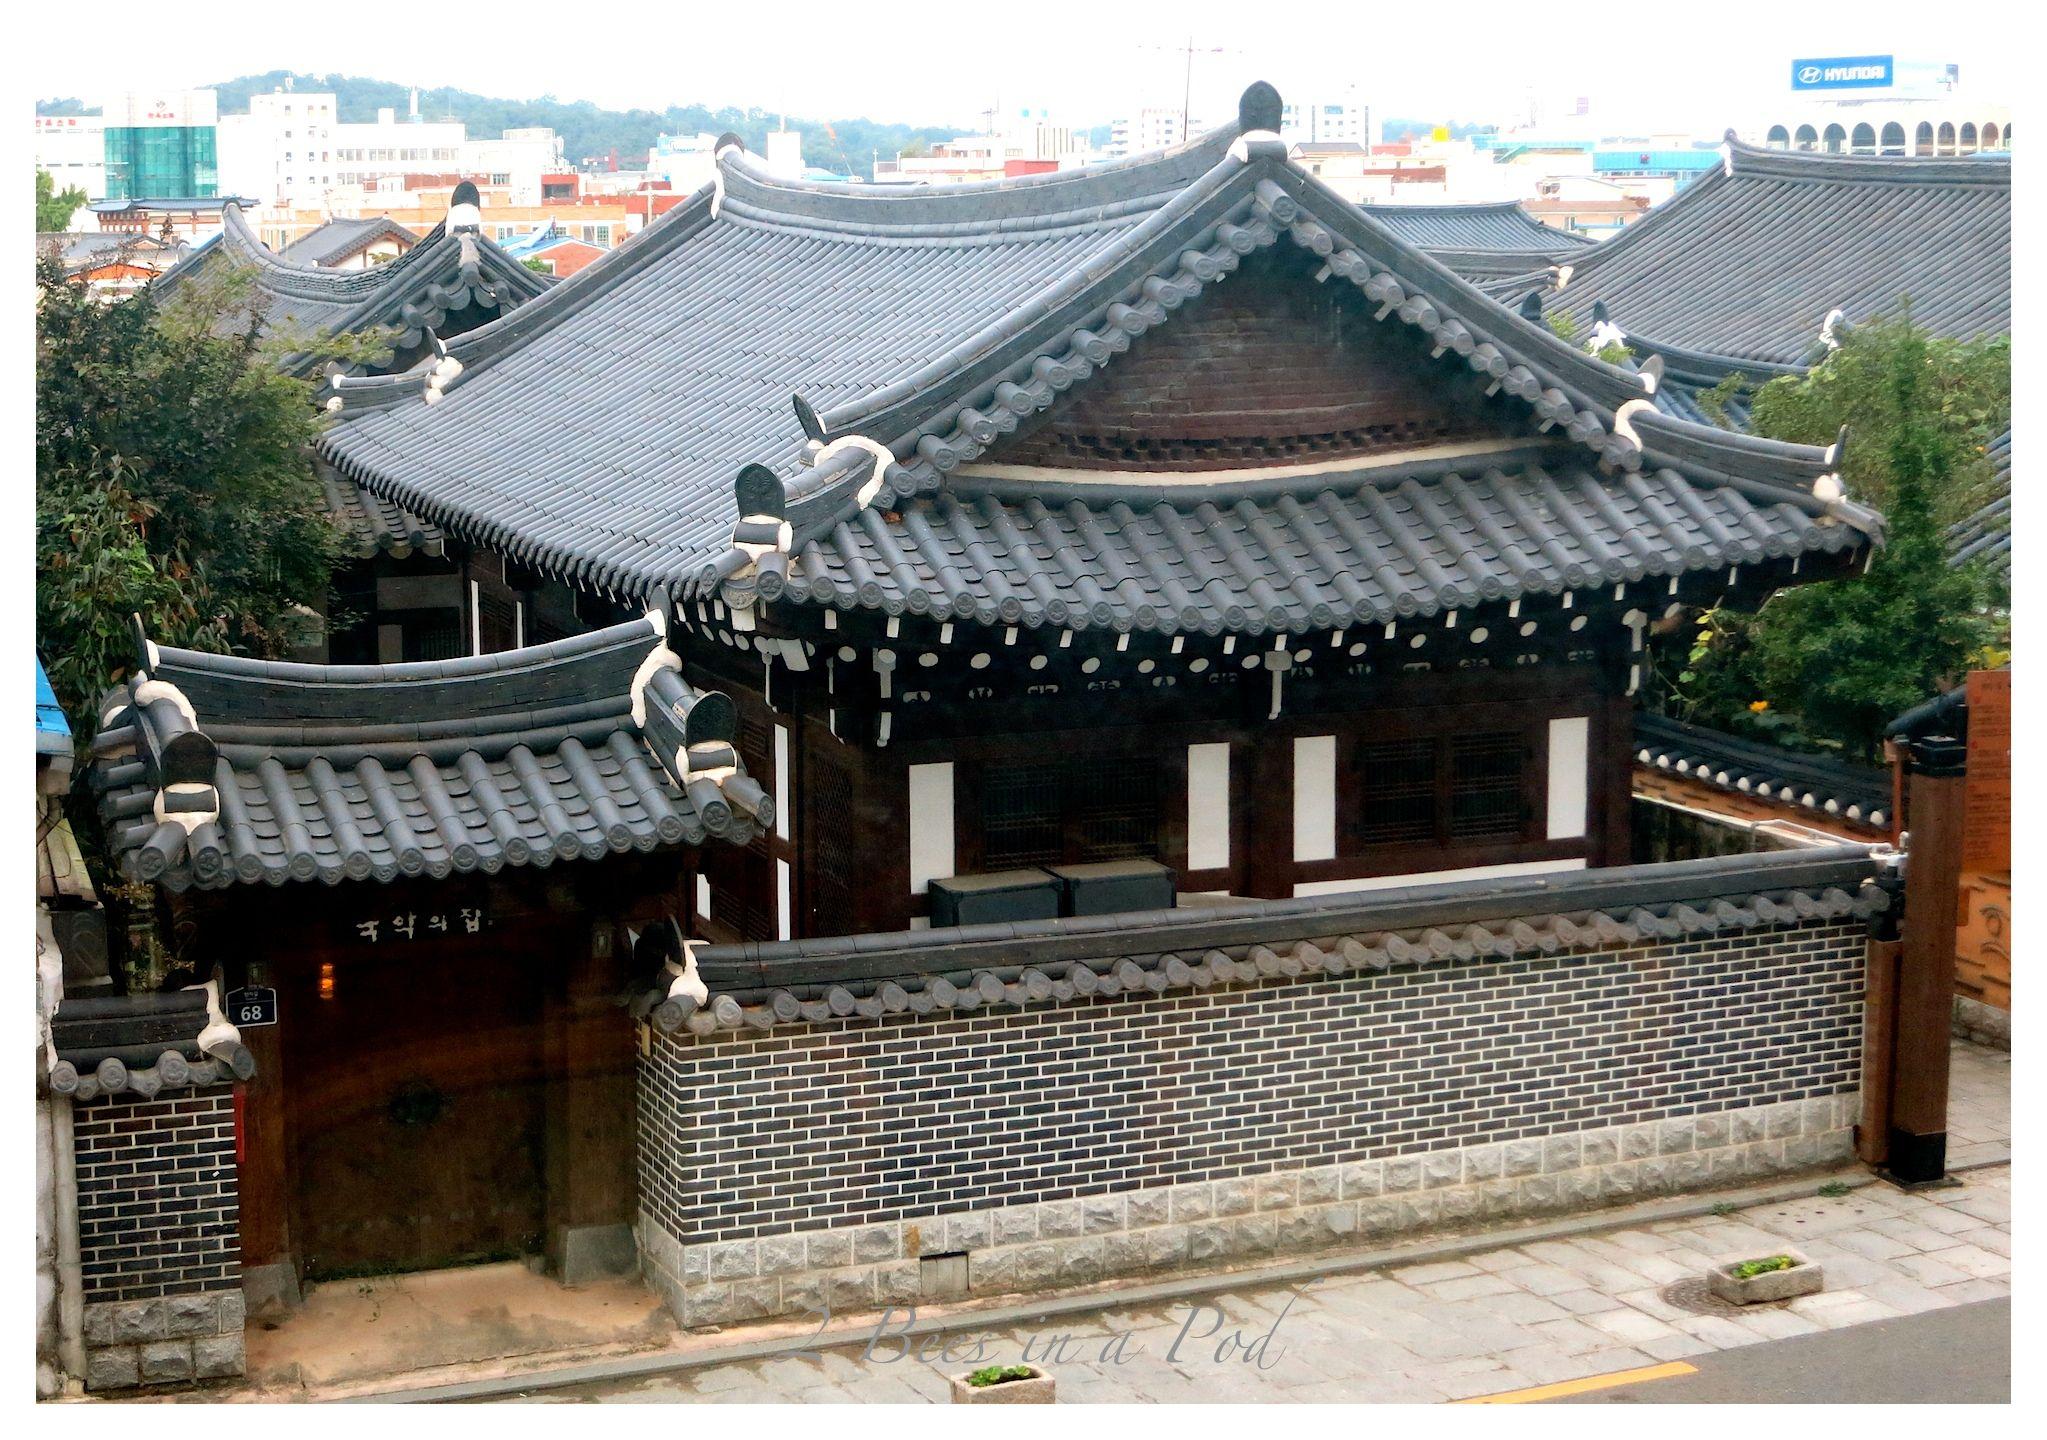 My Week In South Korea